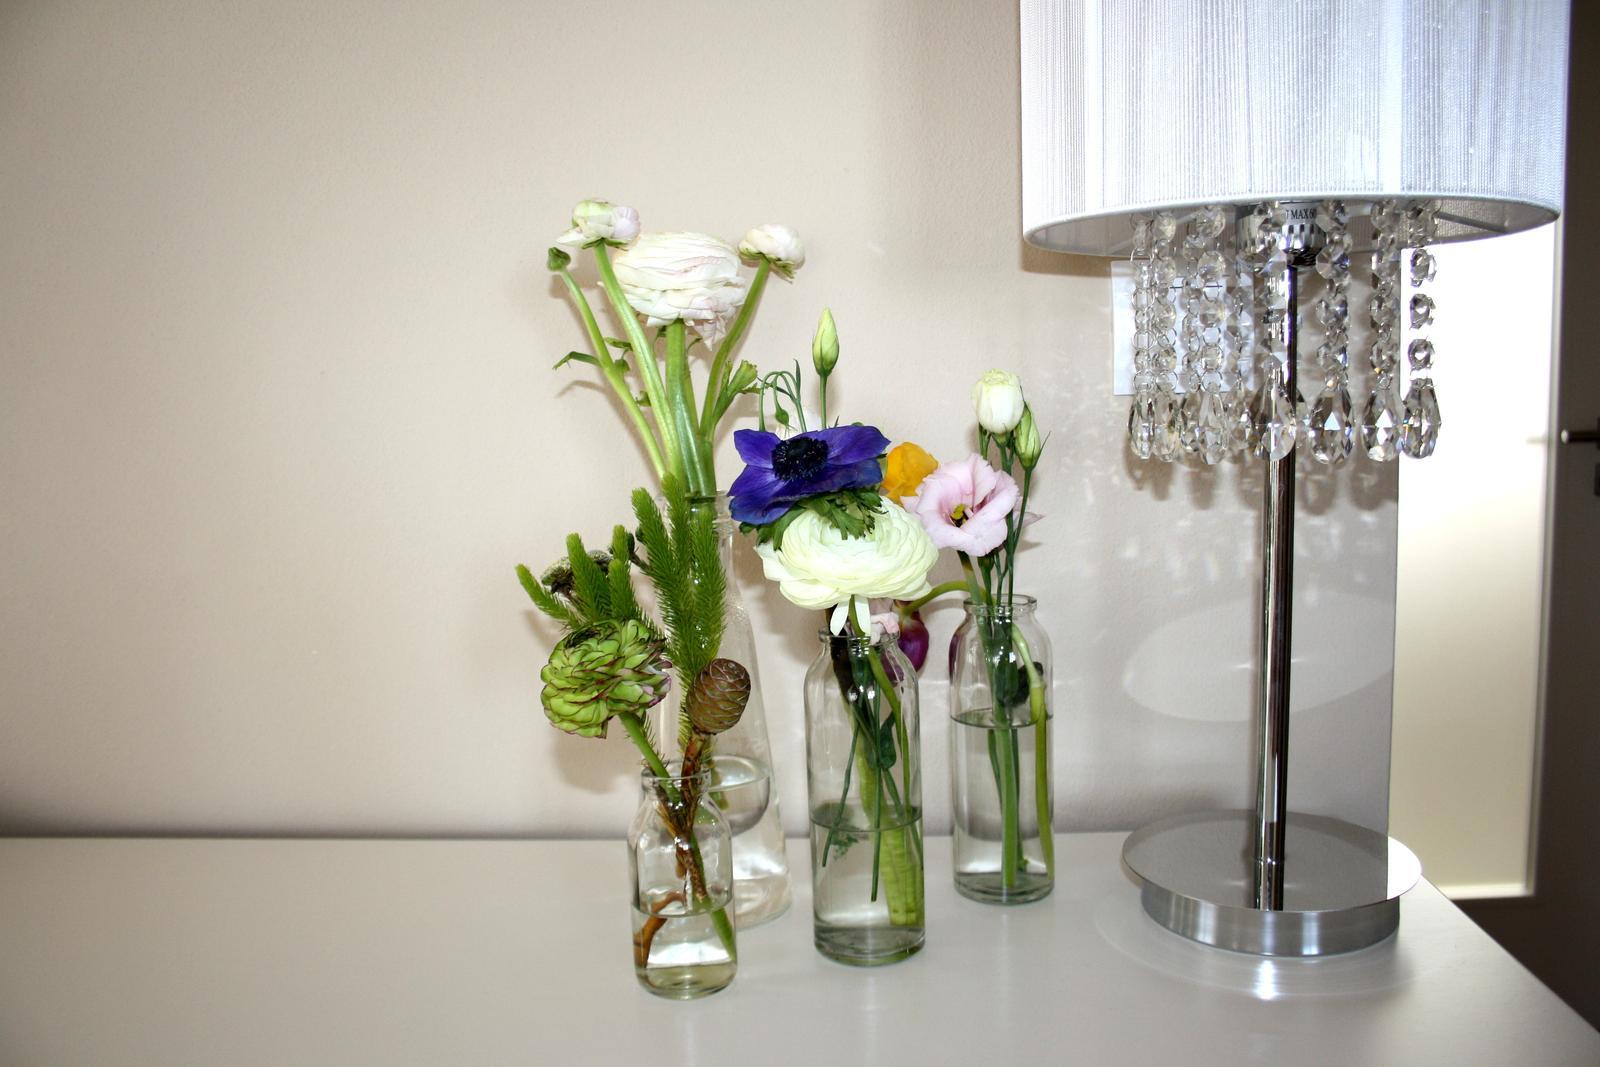 Jarne a letne aranzmany a dekoracie - zbytky kvetov z kytic som supla do malych vaziciek...